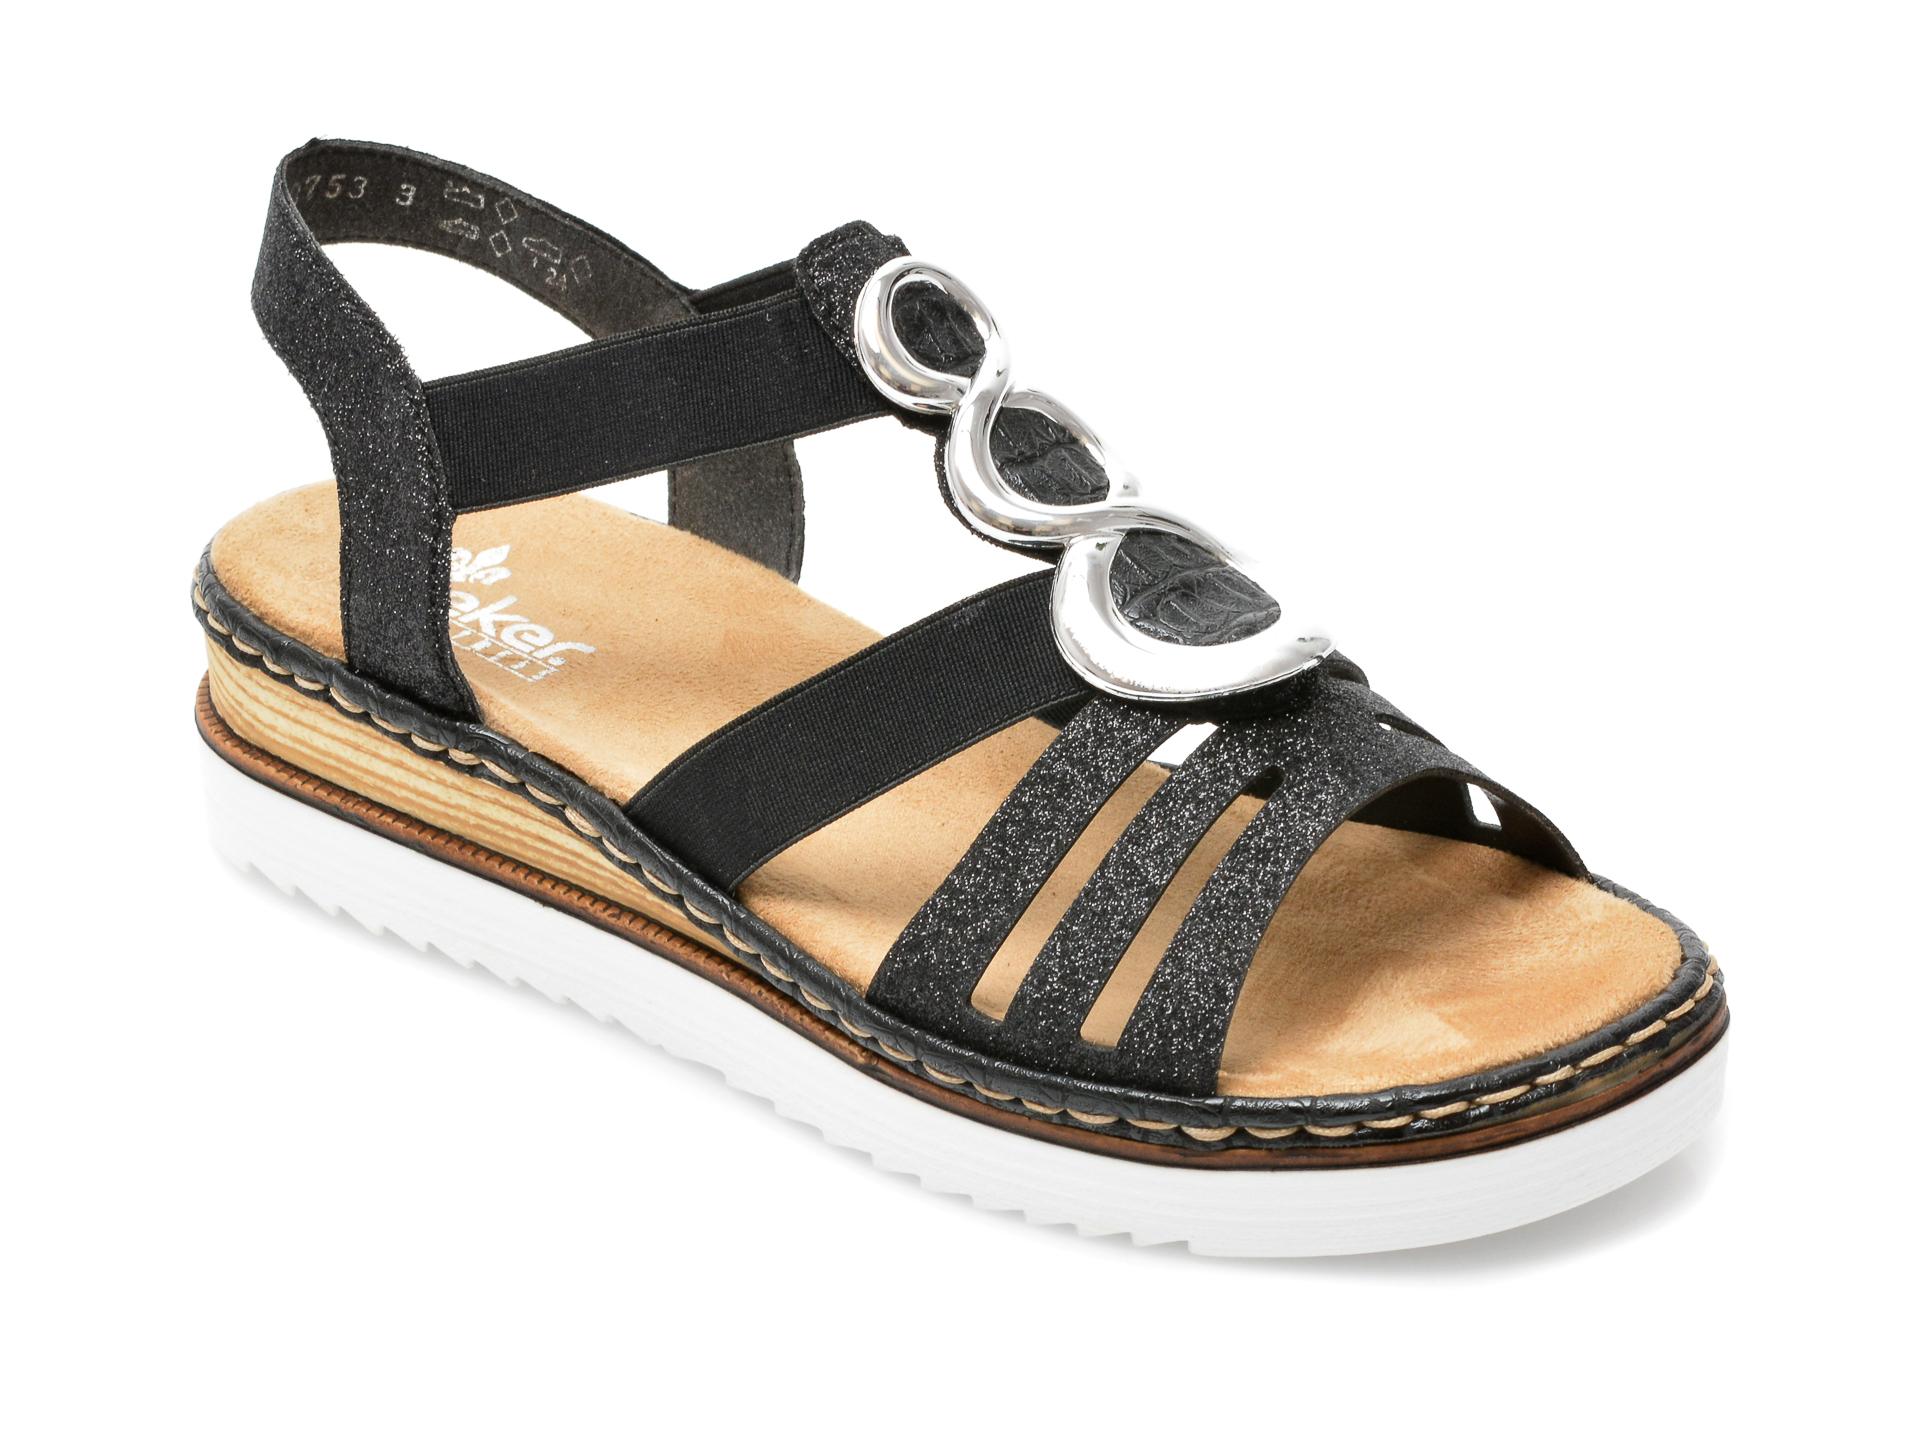 Sandale RIEKER negre, 679L4, din material textil si piele ecologica